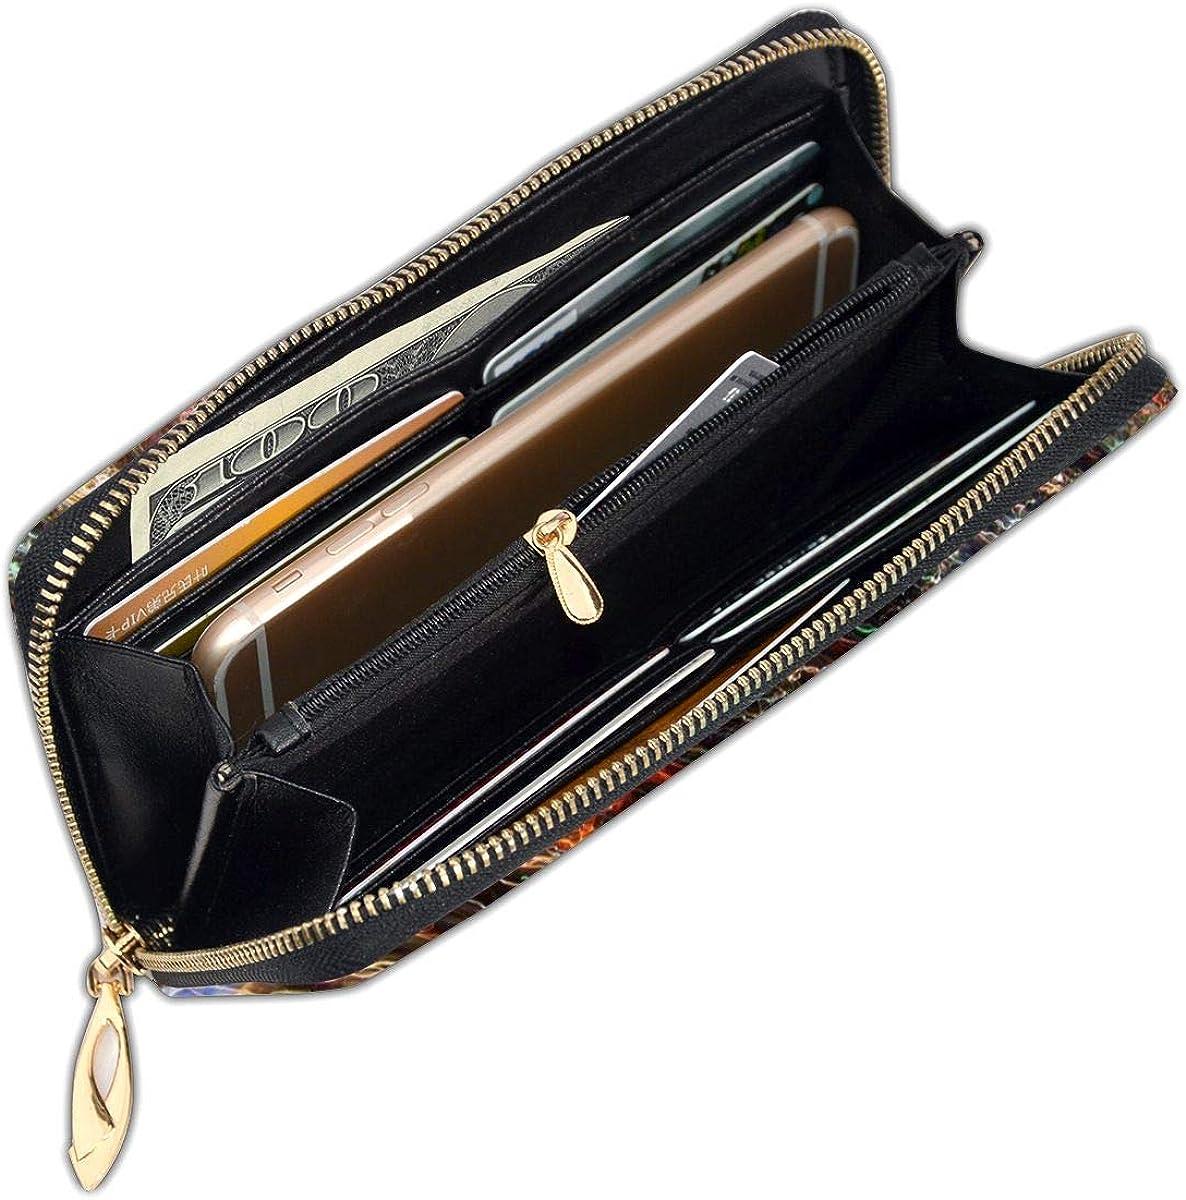 Women Genuine Leather Wallets Lines Strokes Dark Credit Card Holder Organizer Ladies Purse Zipper Around Clutch Cash Pocket